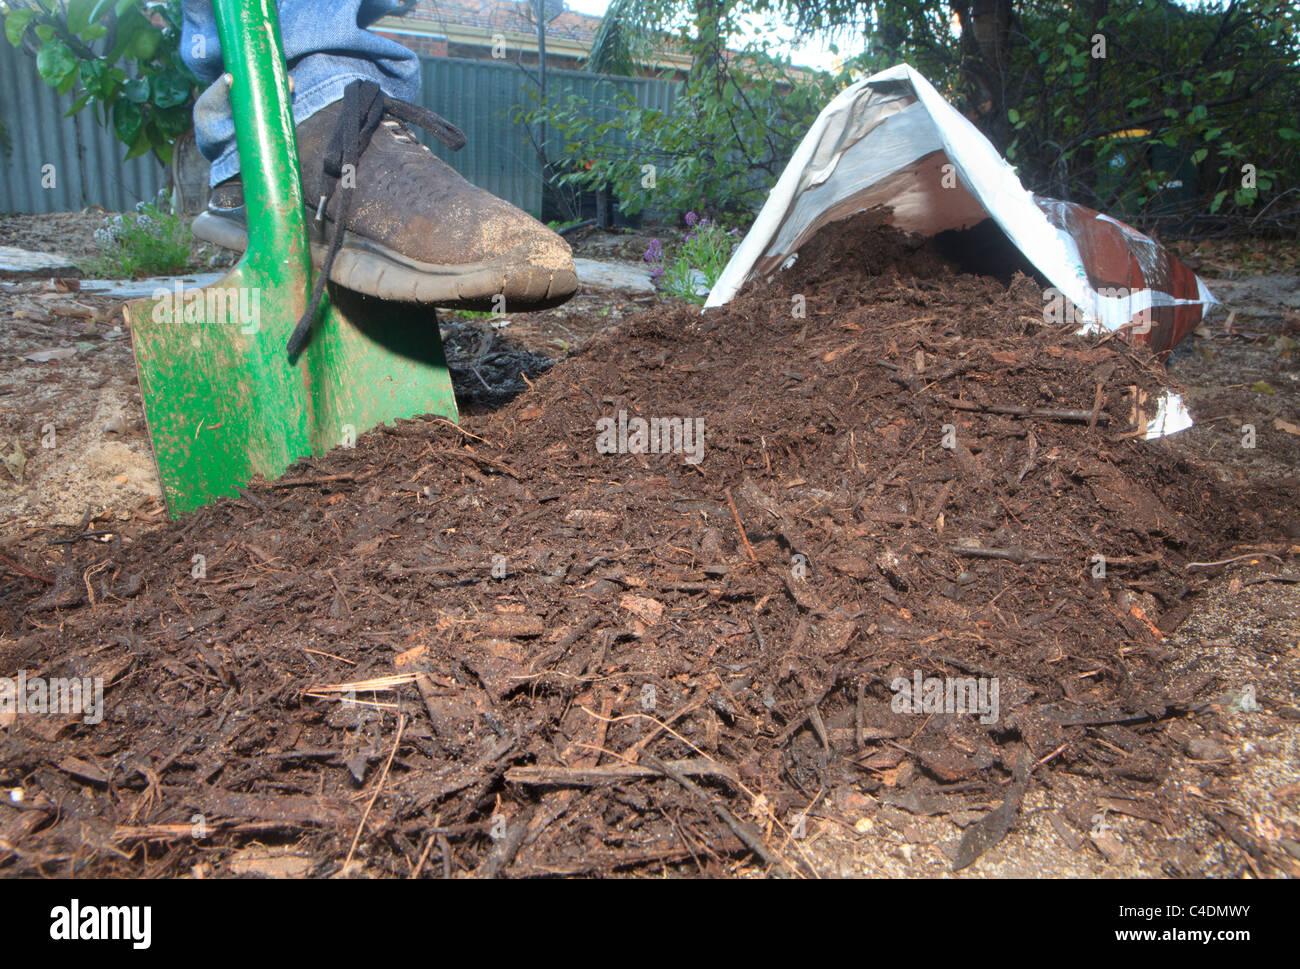 Telone di fatto da shredded abbaio di legno e versata da un sacchetto sul giardino Immagini Stock